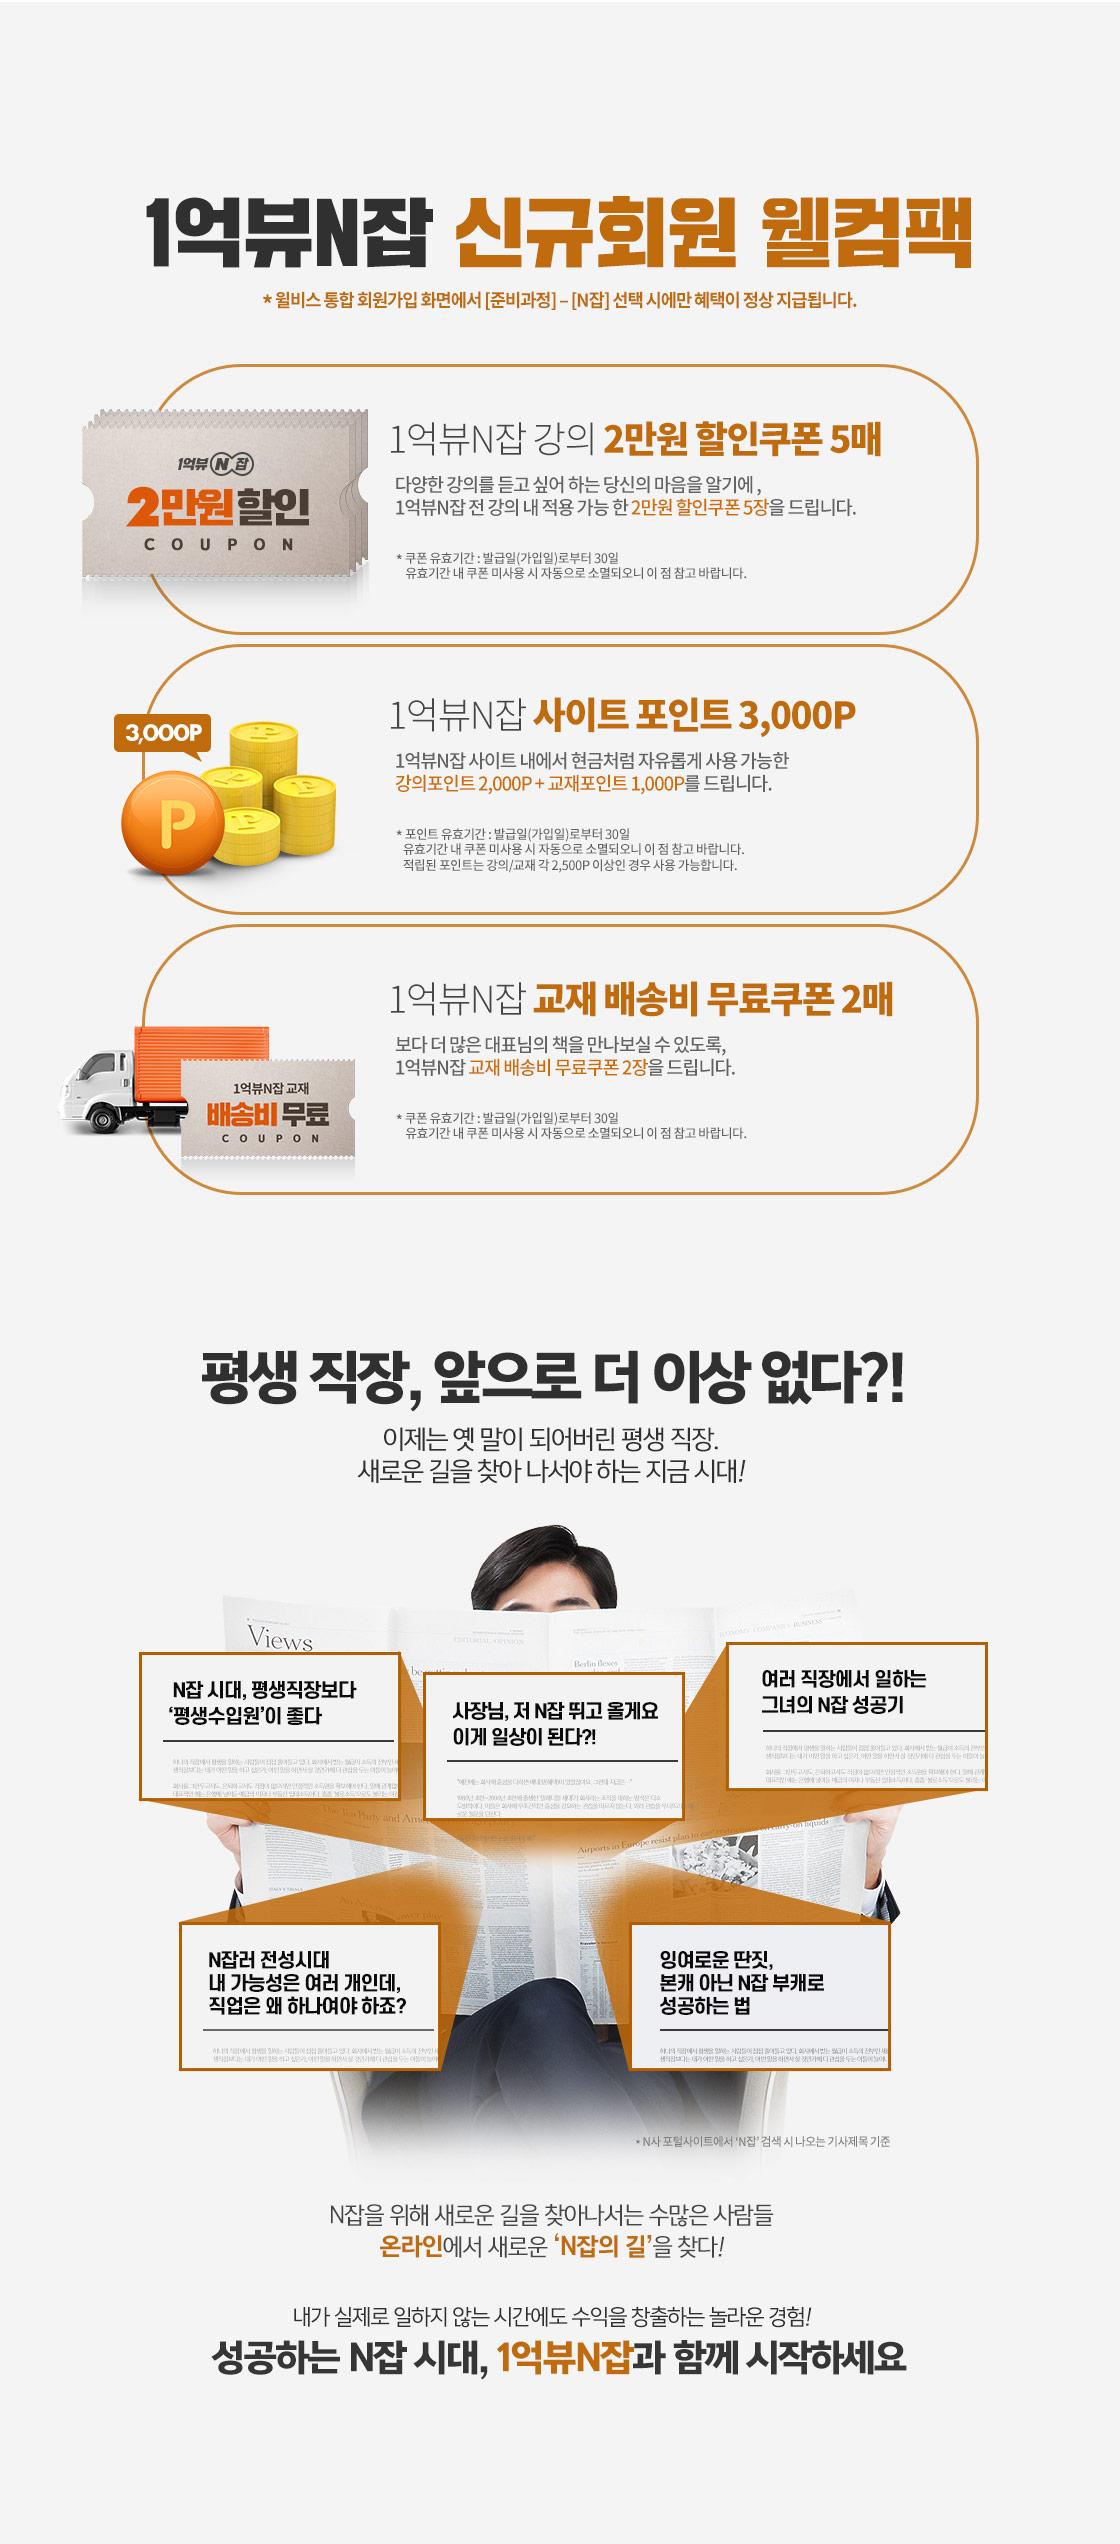 신규회원 웰컴팩